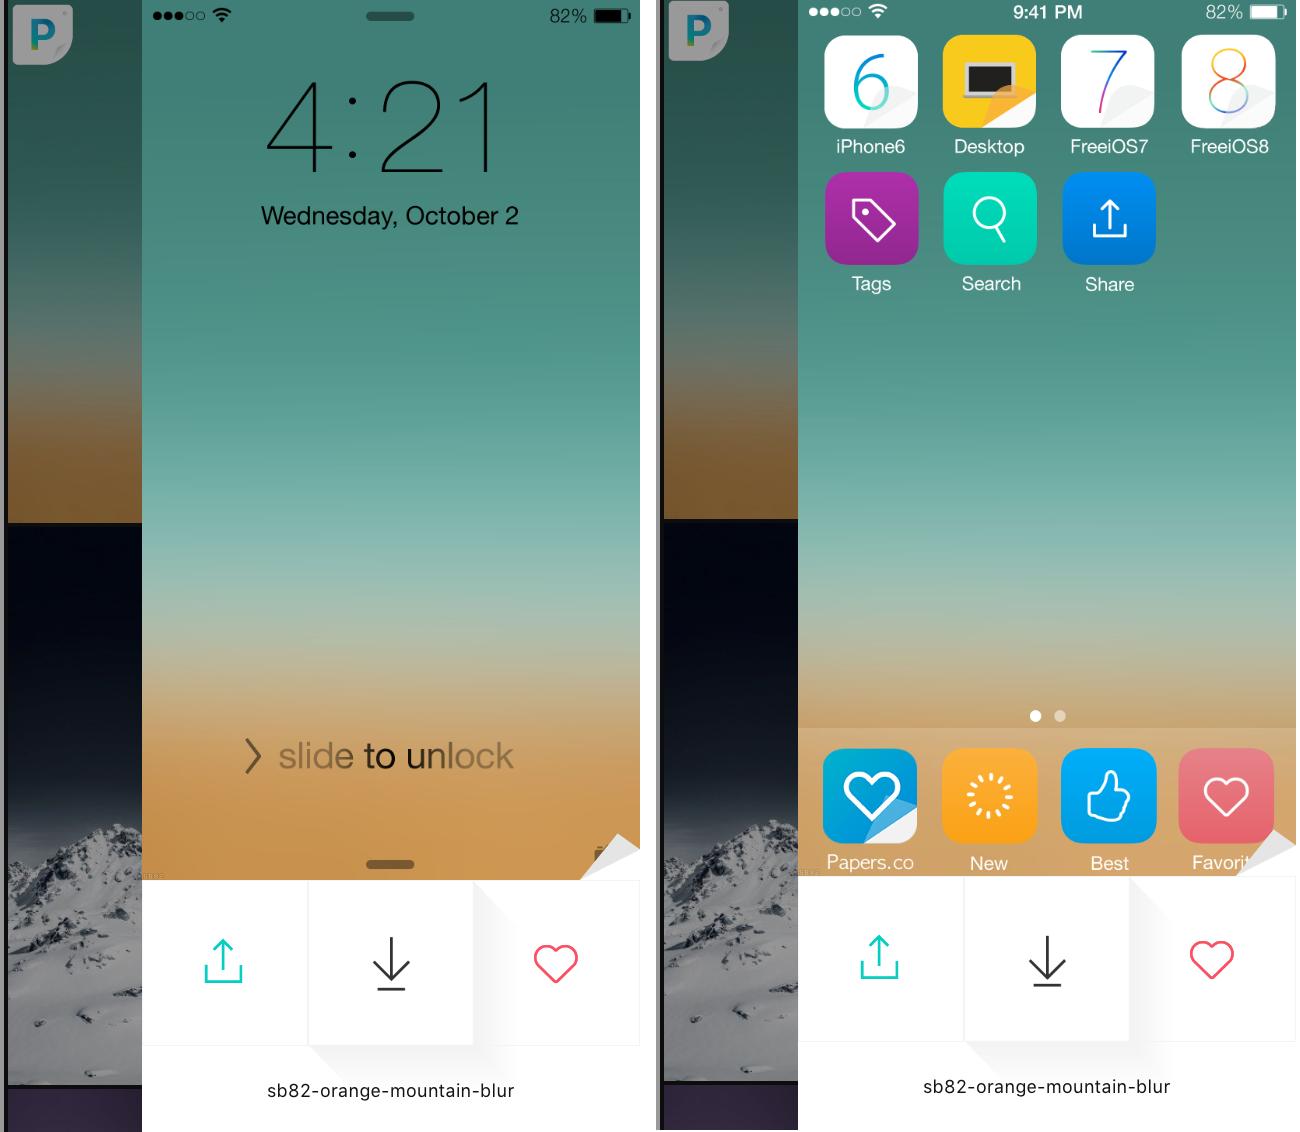 Wallpaper iphone yang keren - Sekarang Wallpaper Yang Kalian Download Akan Masuk Di Photos Dan Dapat Di Implementasikan Langsung Di Lock Screen Atau Home Screen Dari Iphone